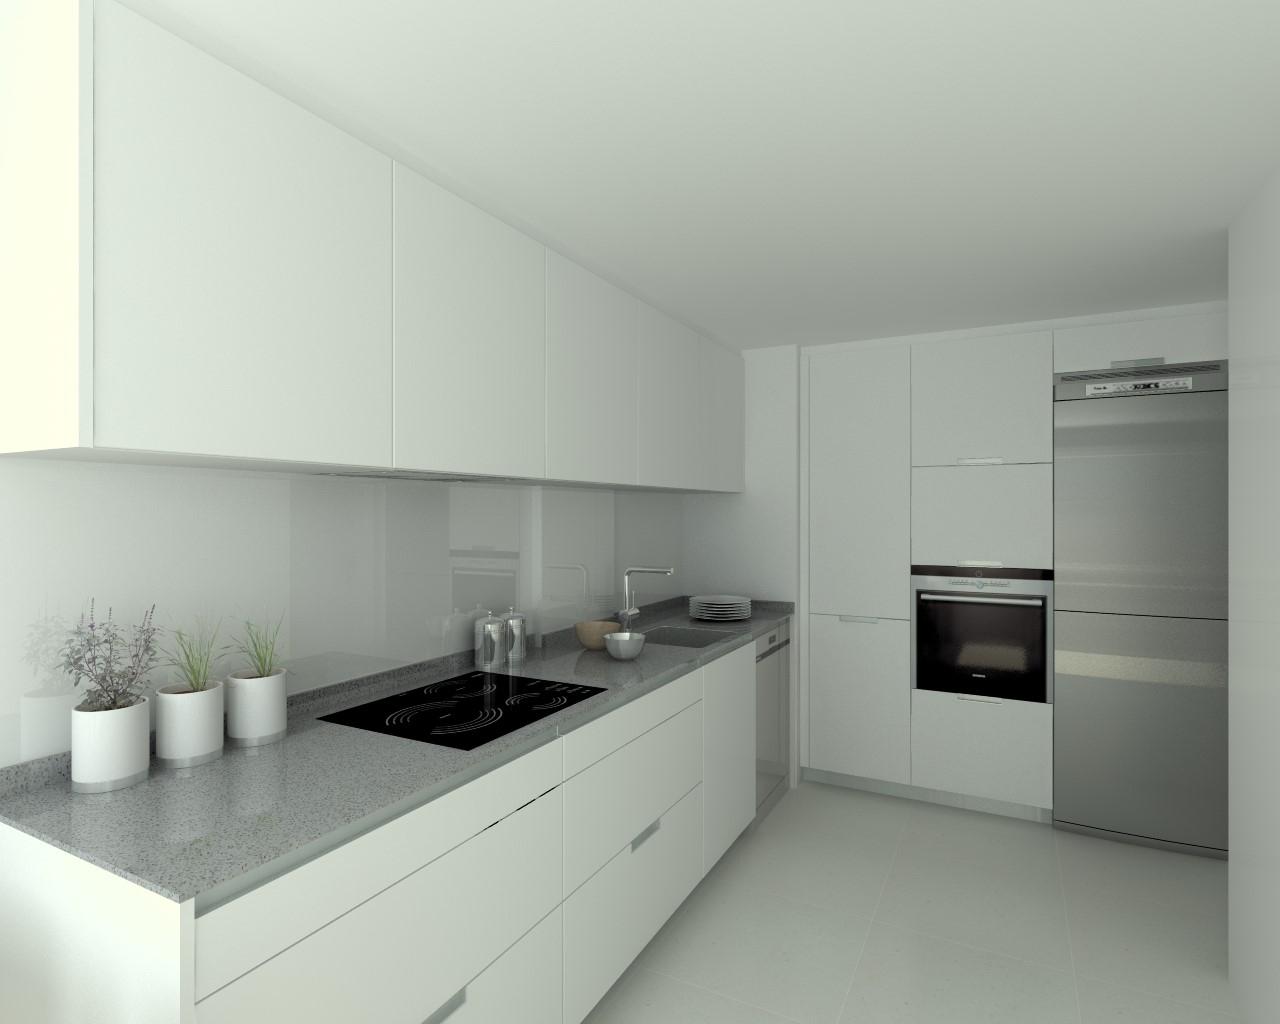 Cocina Mueble Gris Encimera Blanca: Negro blanco y gris una mezcla ...